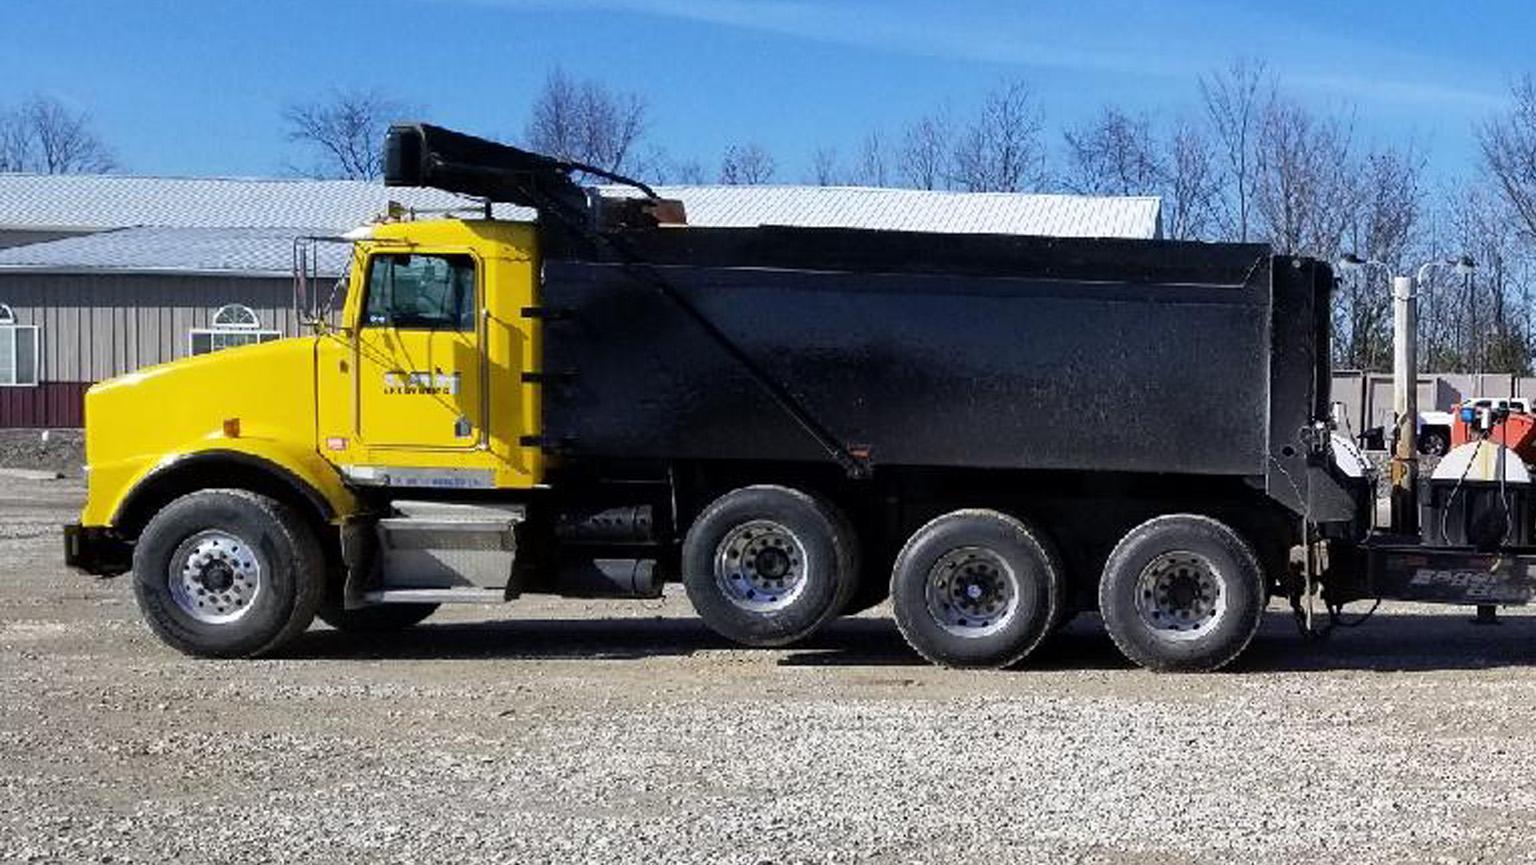 CRM - Dump Truck Hauling